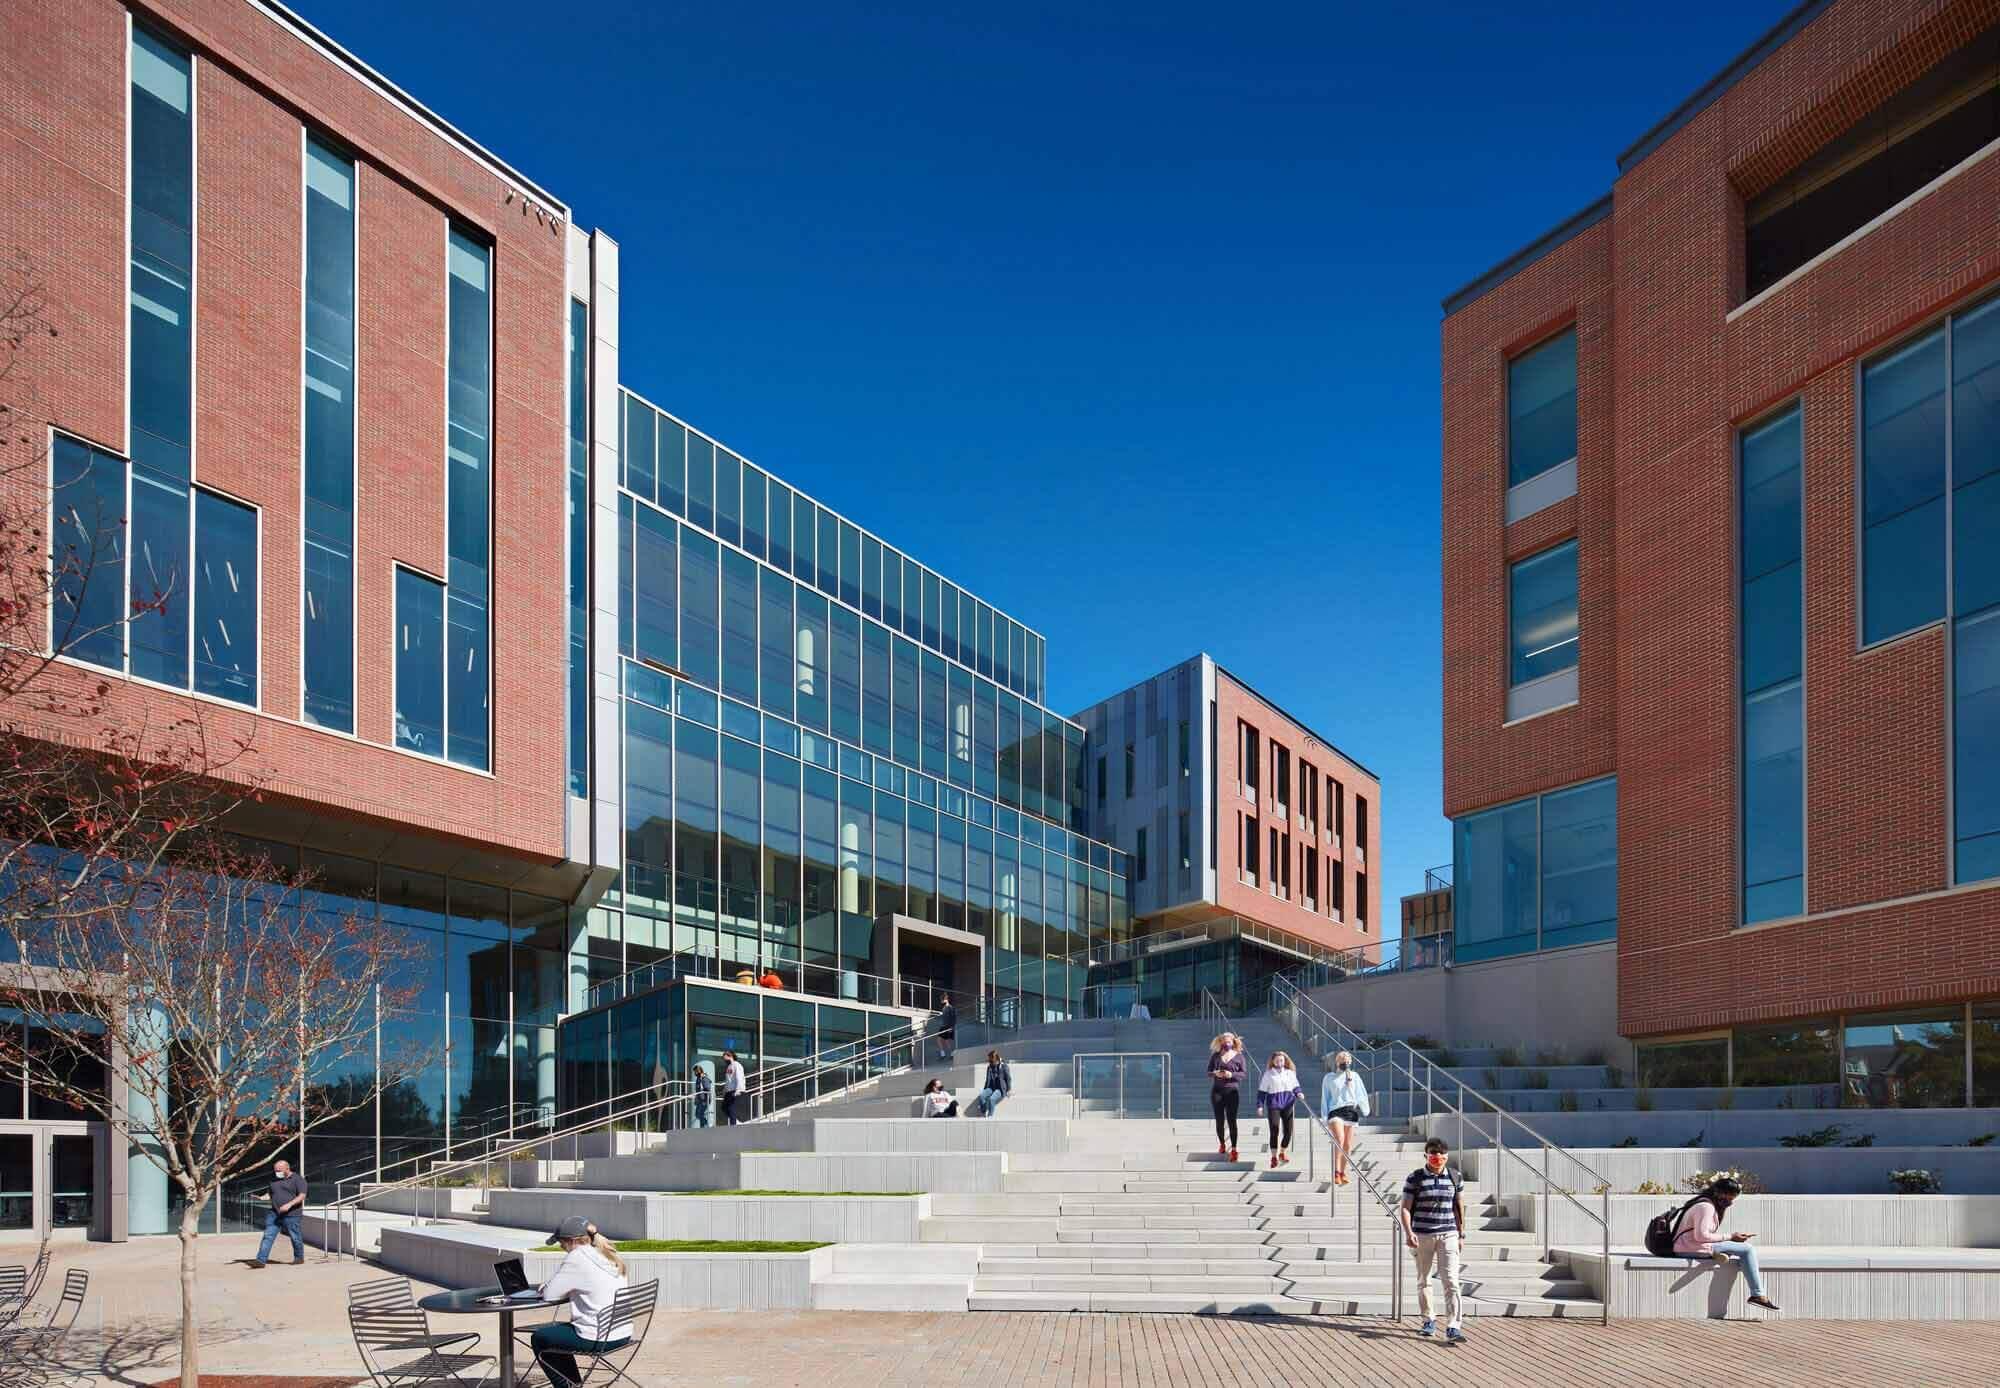 Университет Клемсона, Колледж бизнеса Уилбура О. и Энн Пауэрс / L3SP + LMN Architects